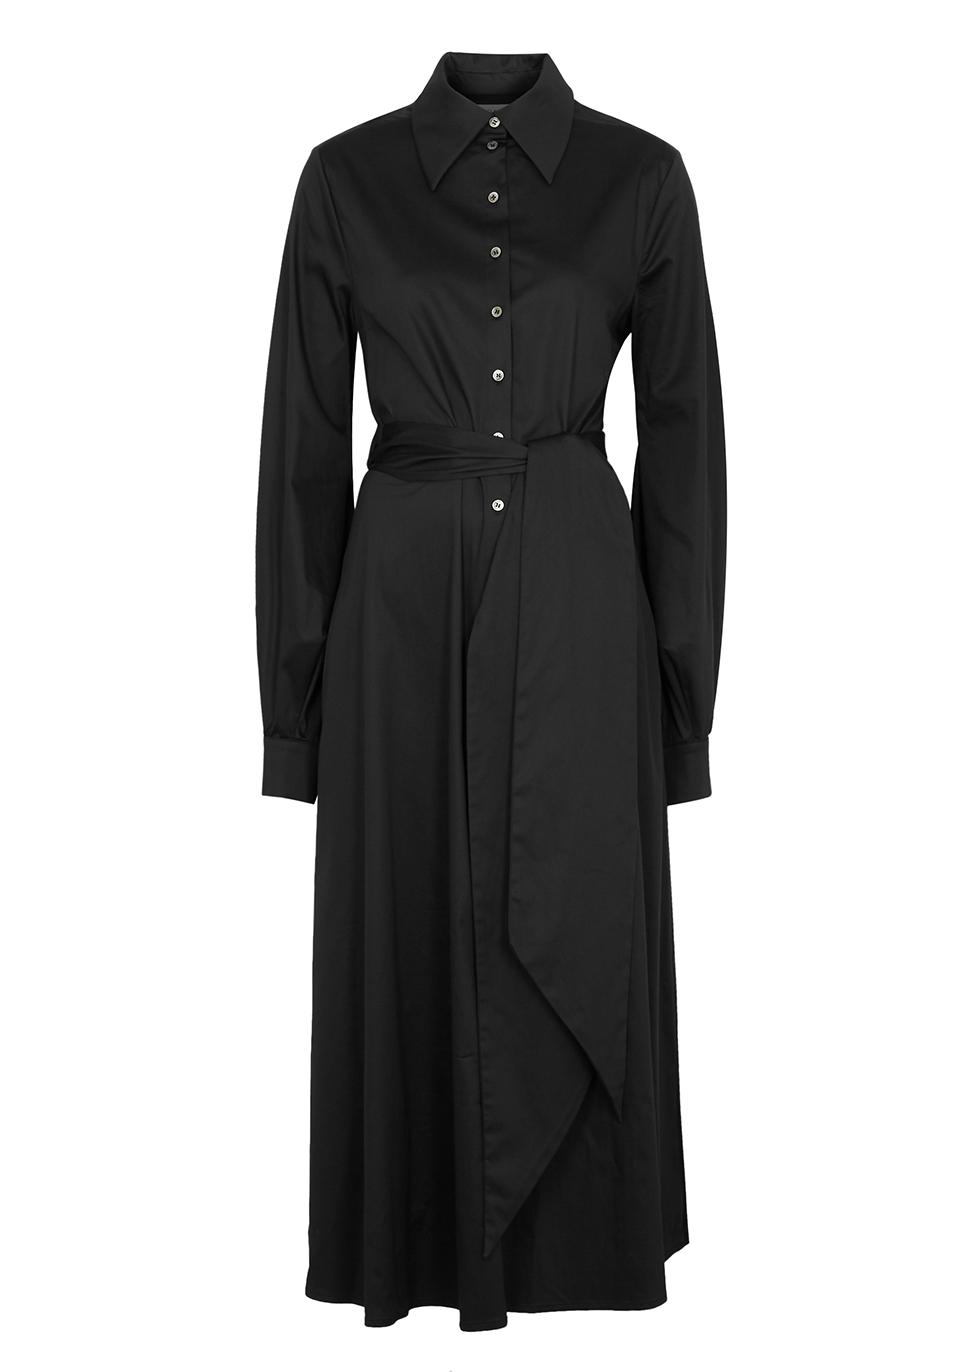 Selman black cut-out stretch-cotton shirt dress